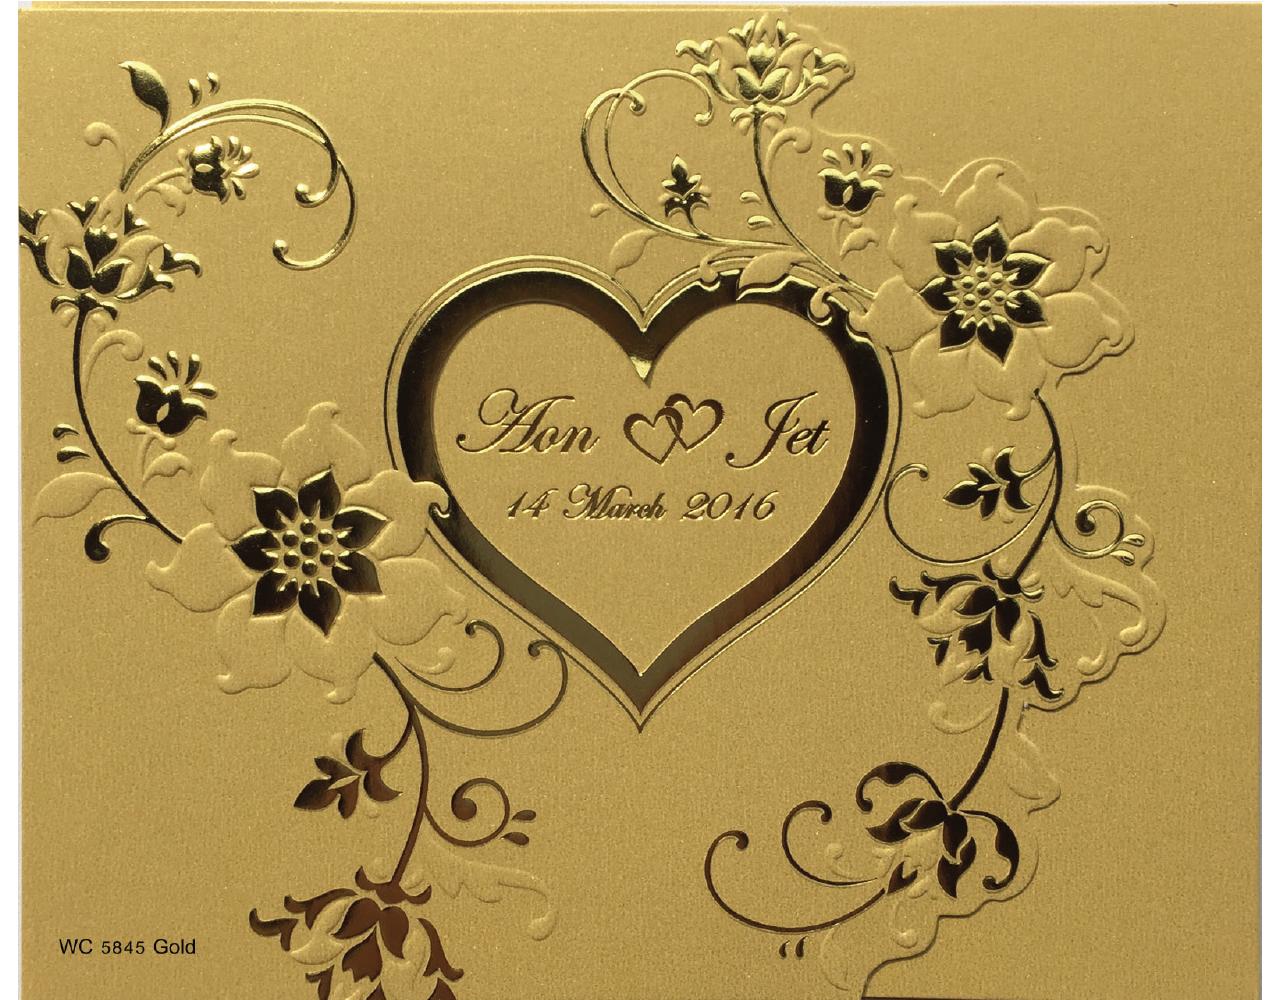 การ์ดแต่งงาน การ์ดชิญงานแต่ง สีมุกทอง สามพับ ไดคัทหัวใจ ลายดอกไม้ พิมพ์นูน พิมพ์ทอง wedding card 6.5 x 5.3 inch wC 5845 Gold